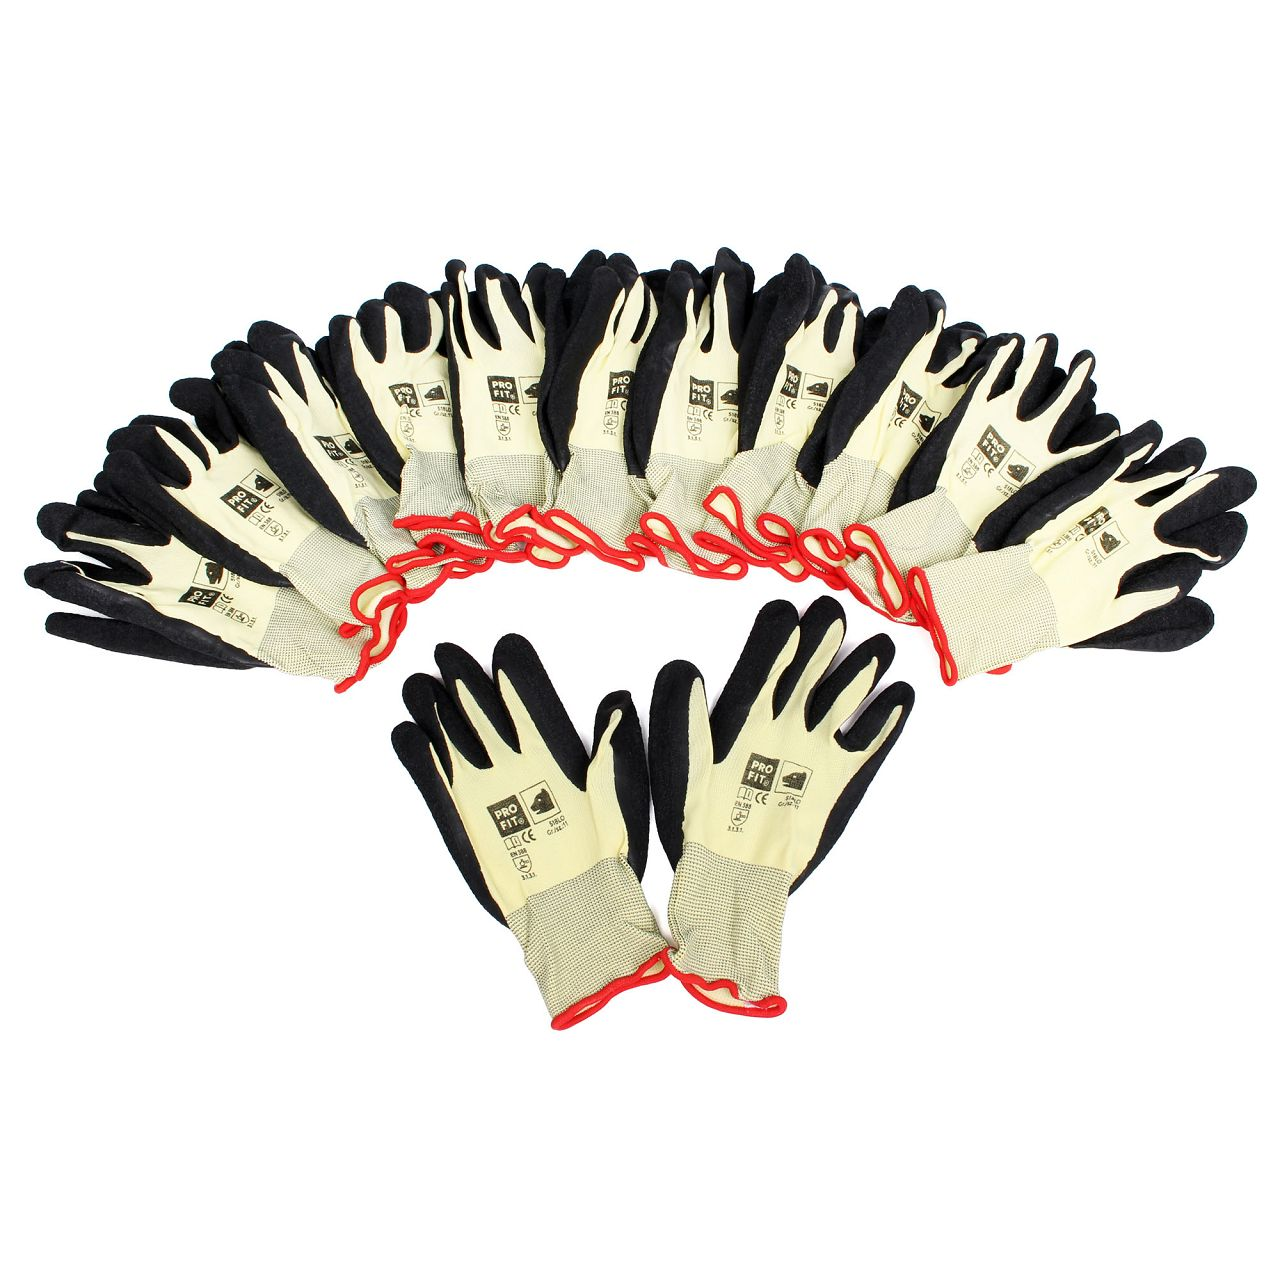 PRO-FIT 518LO Handschuhe Arbeitshandschuhe GELB SCHWARZ Größe 11 / XXL (12 Paar)